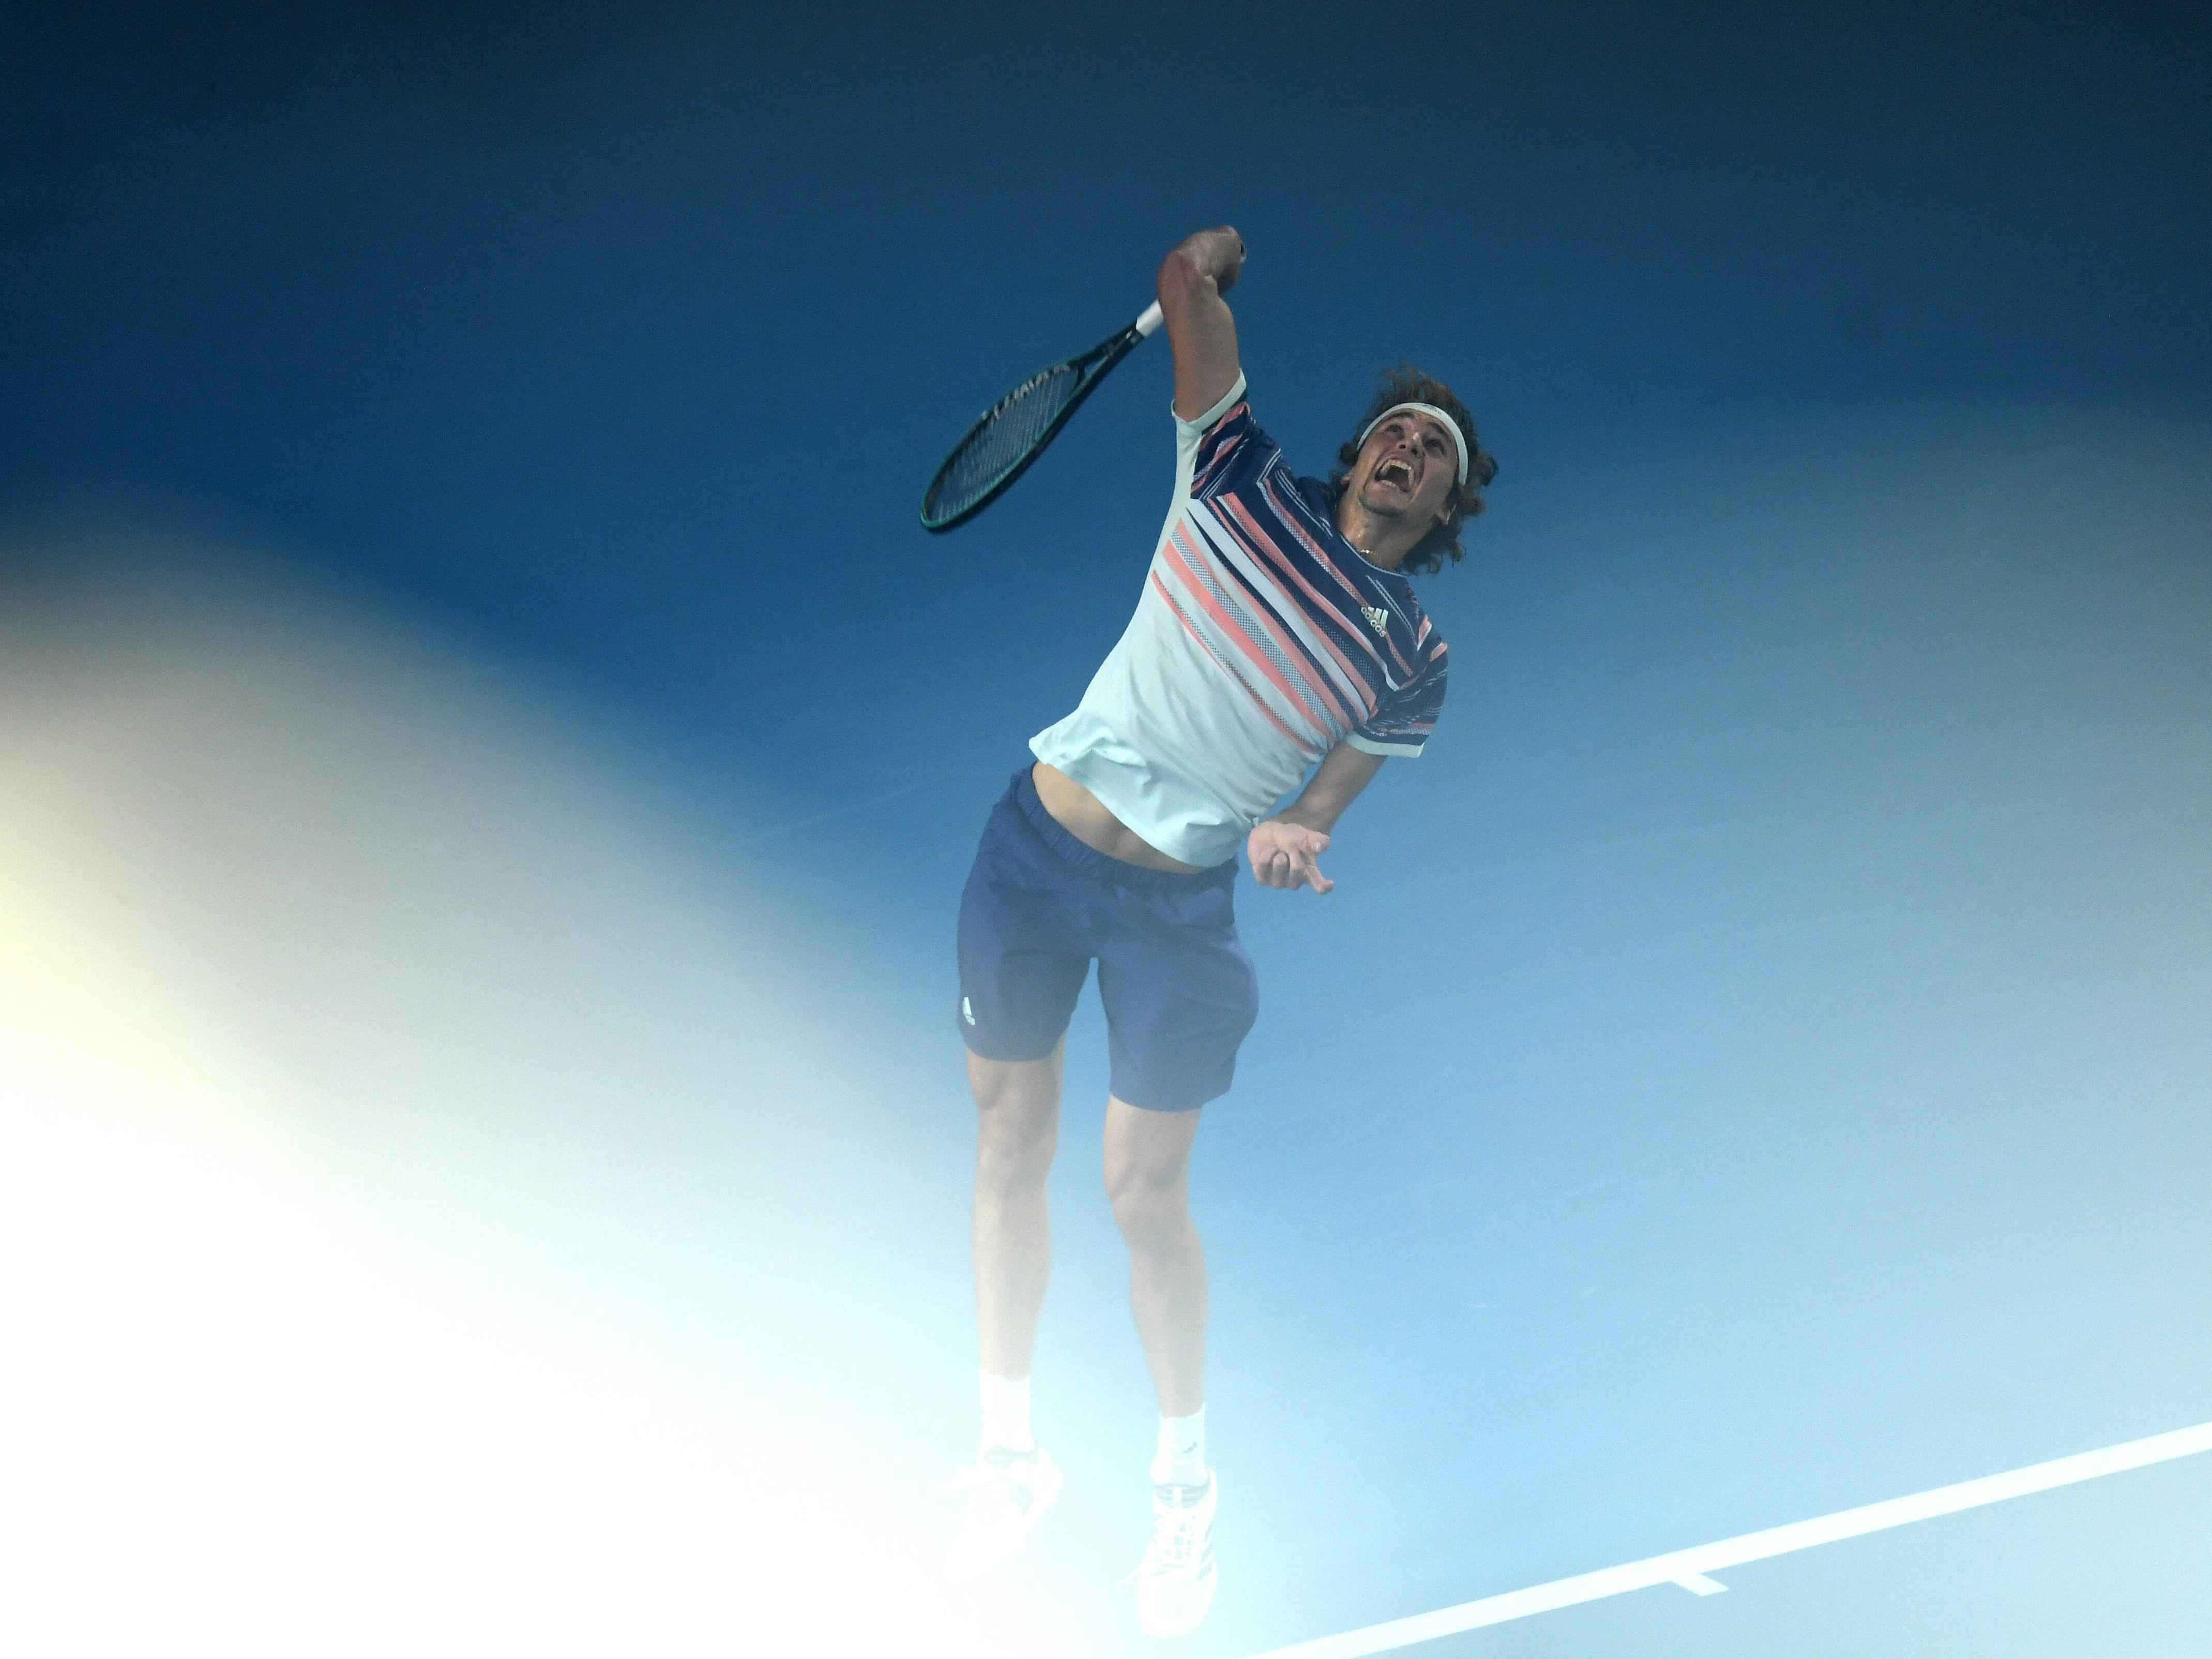 Alexander Zverev ist ein Tennisspieler aus Deutschland.